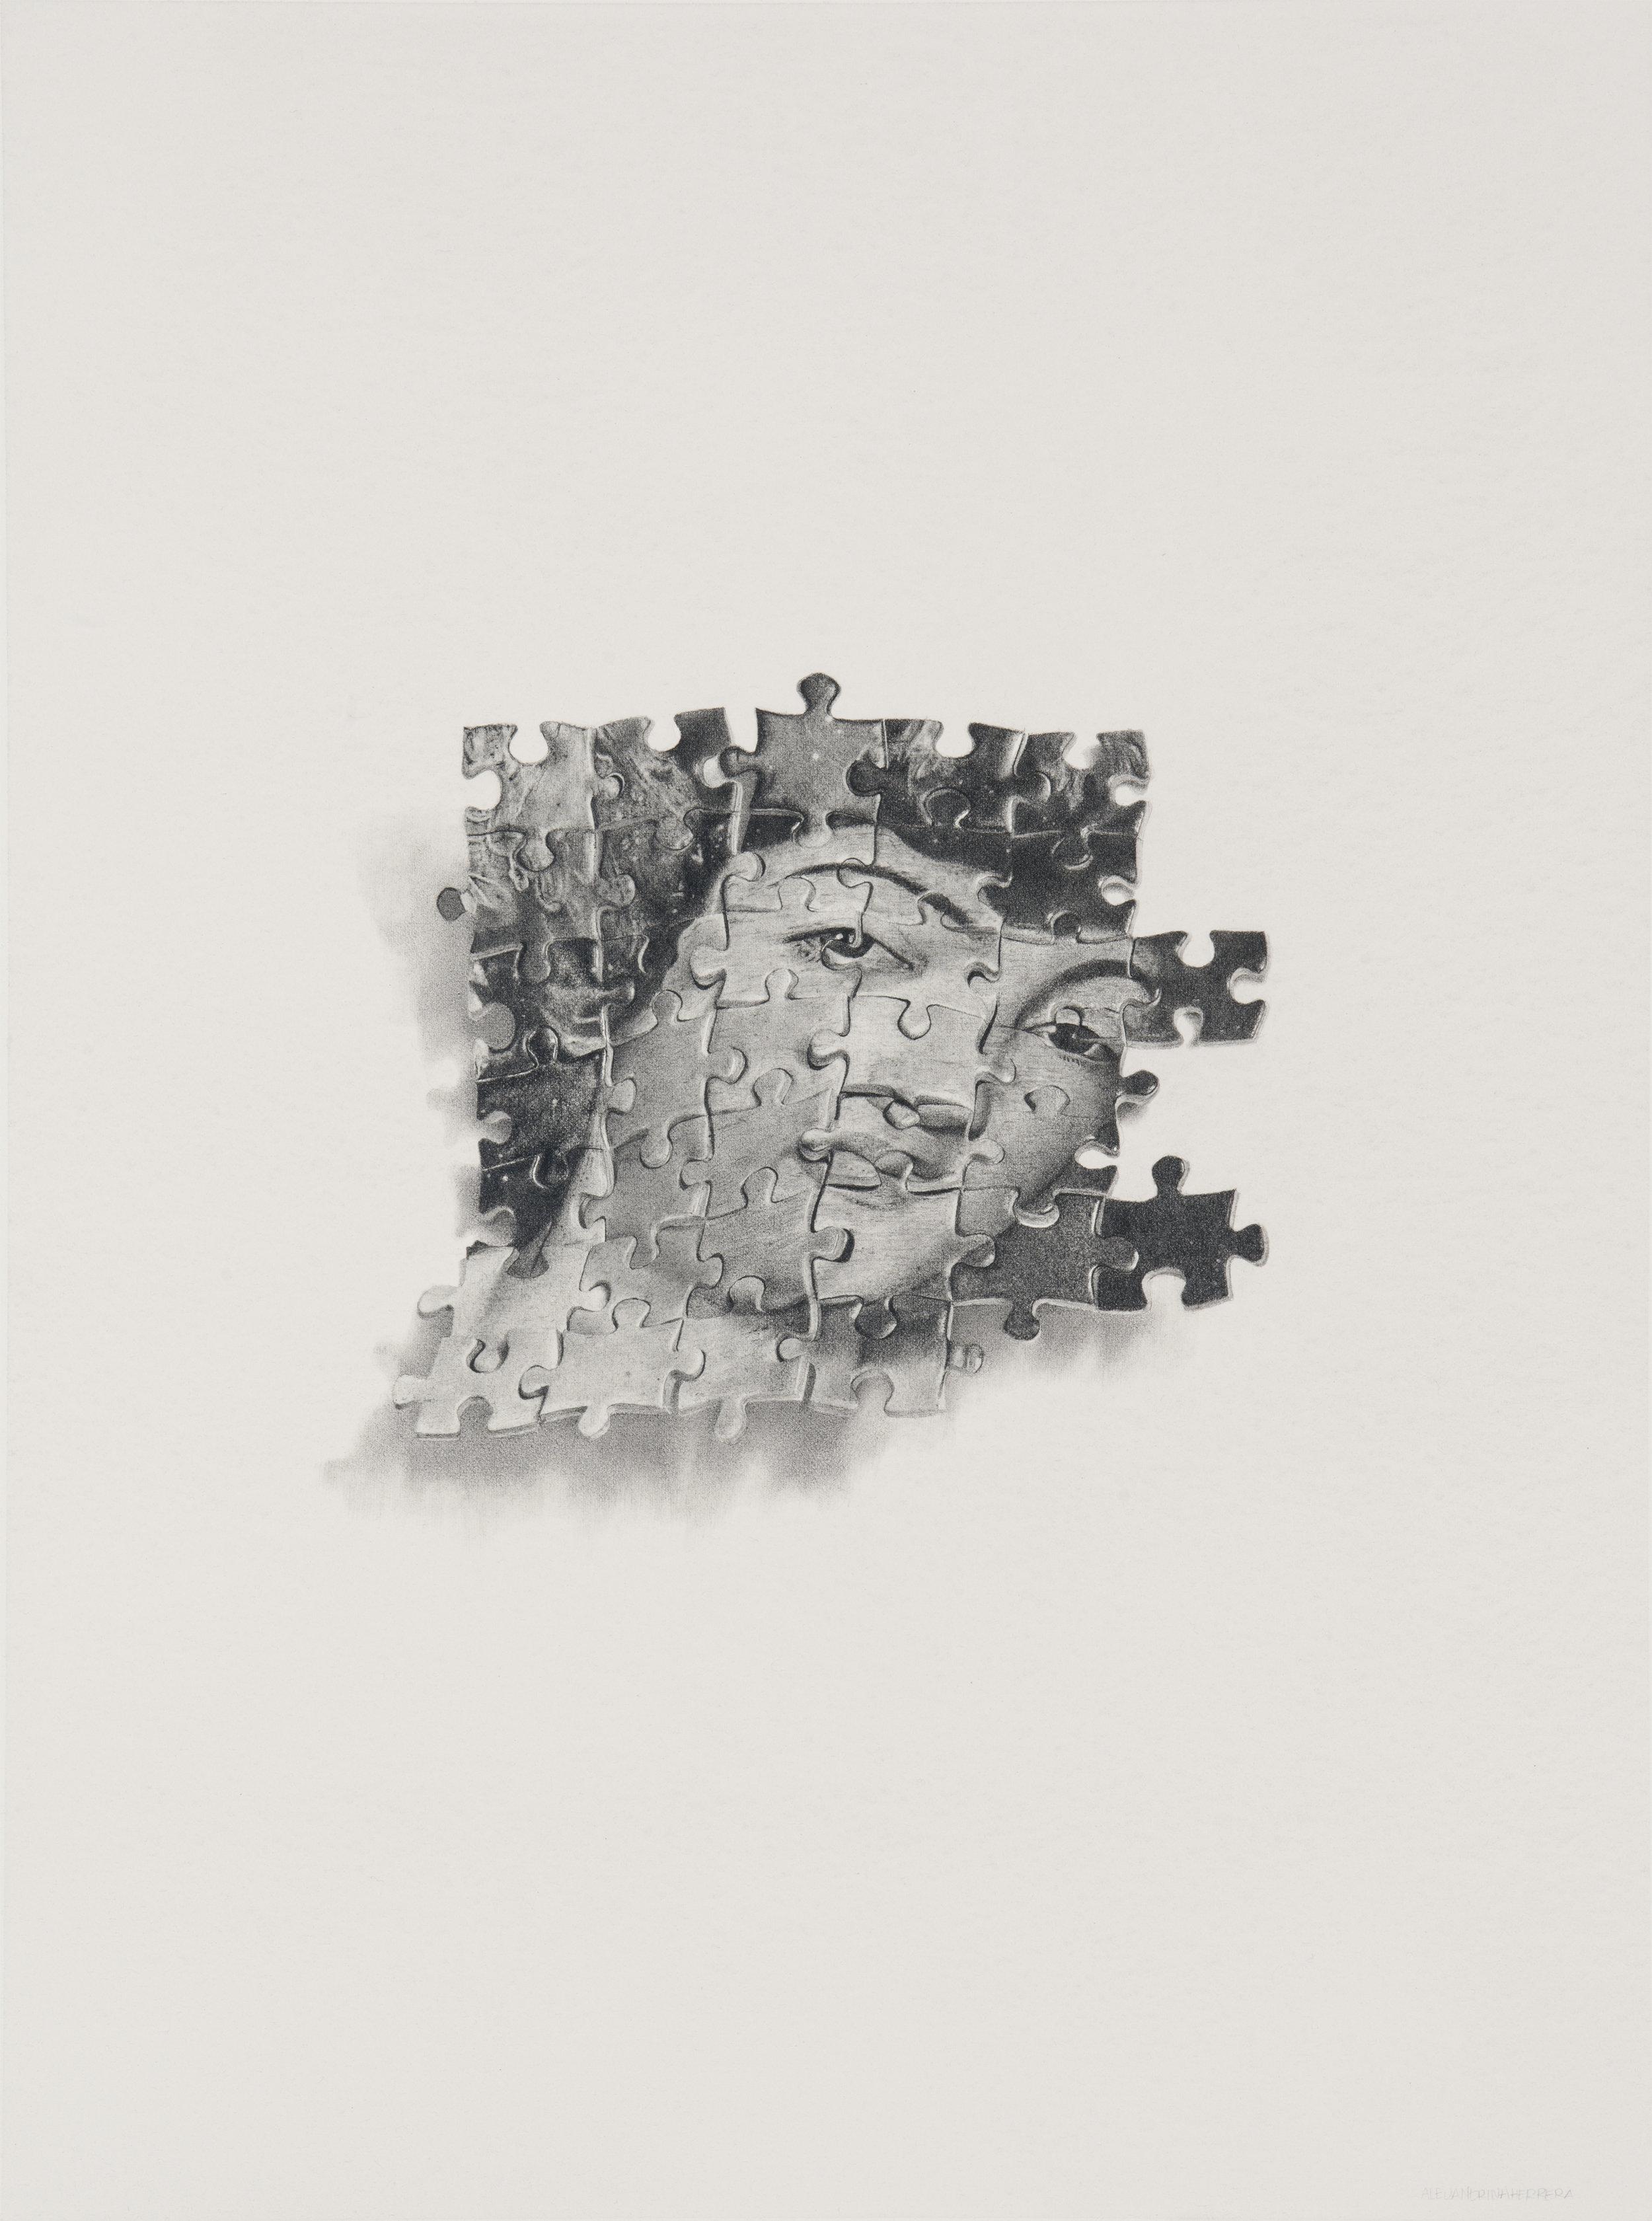 Alejandrina Herrera,  Kinds of Puzzles No. 1 , Pencil on paper, 24 x 18, $1600